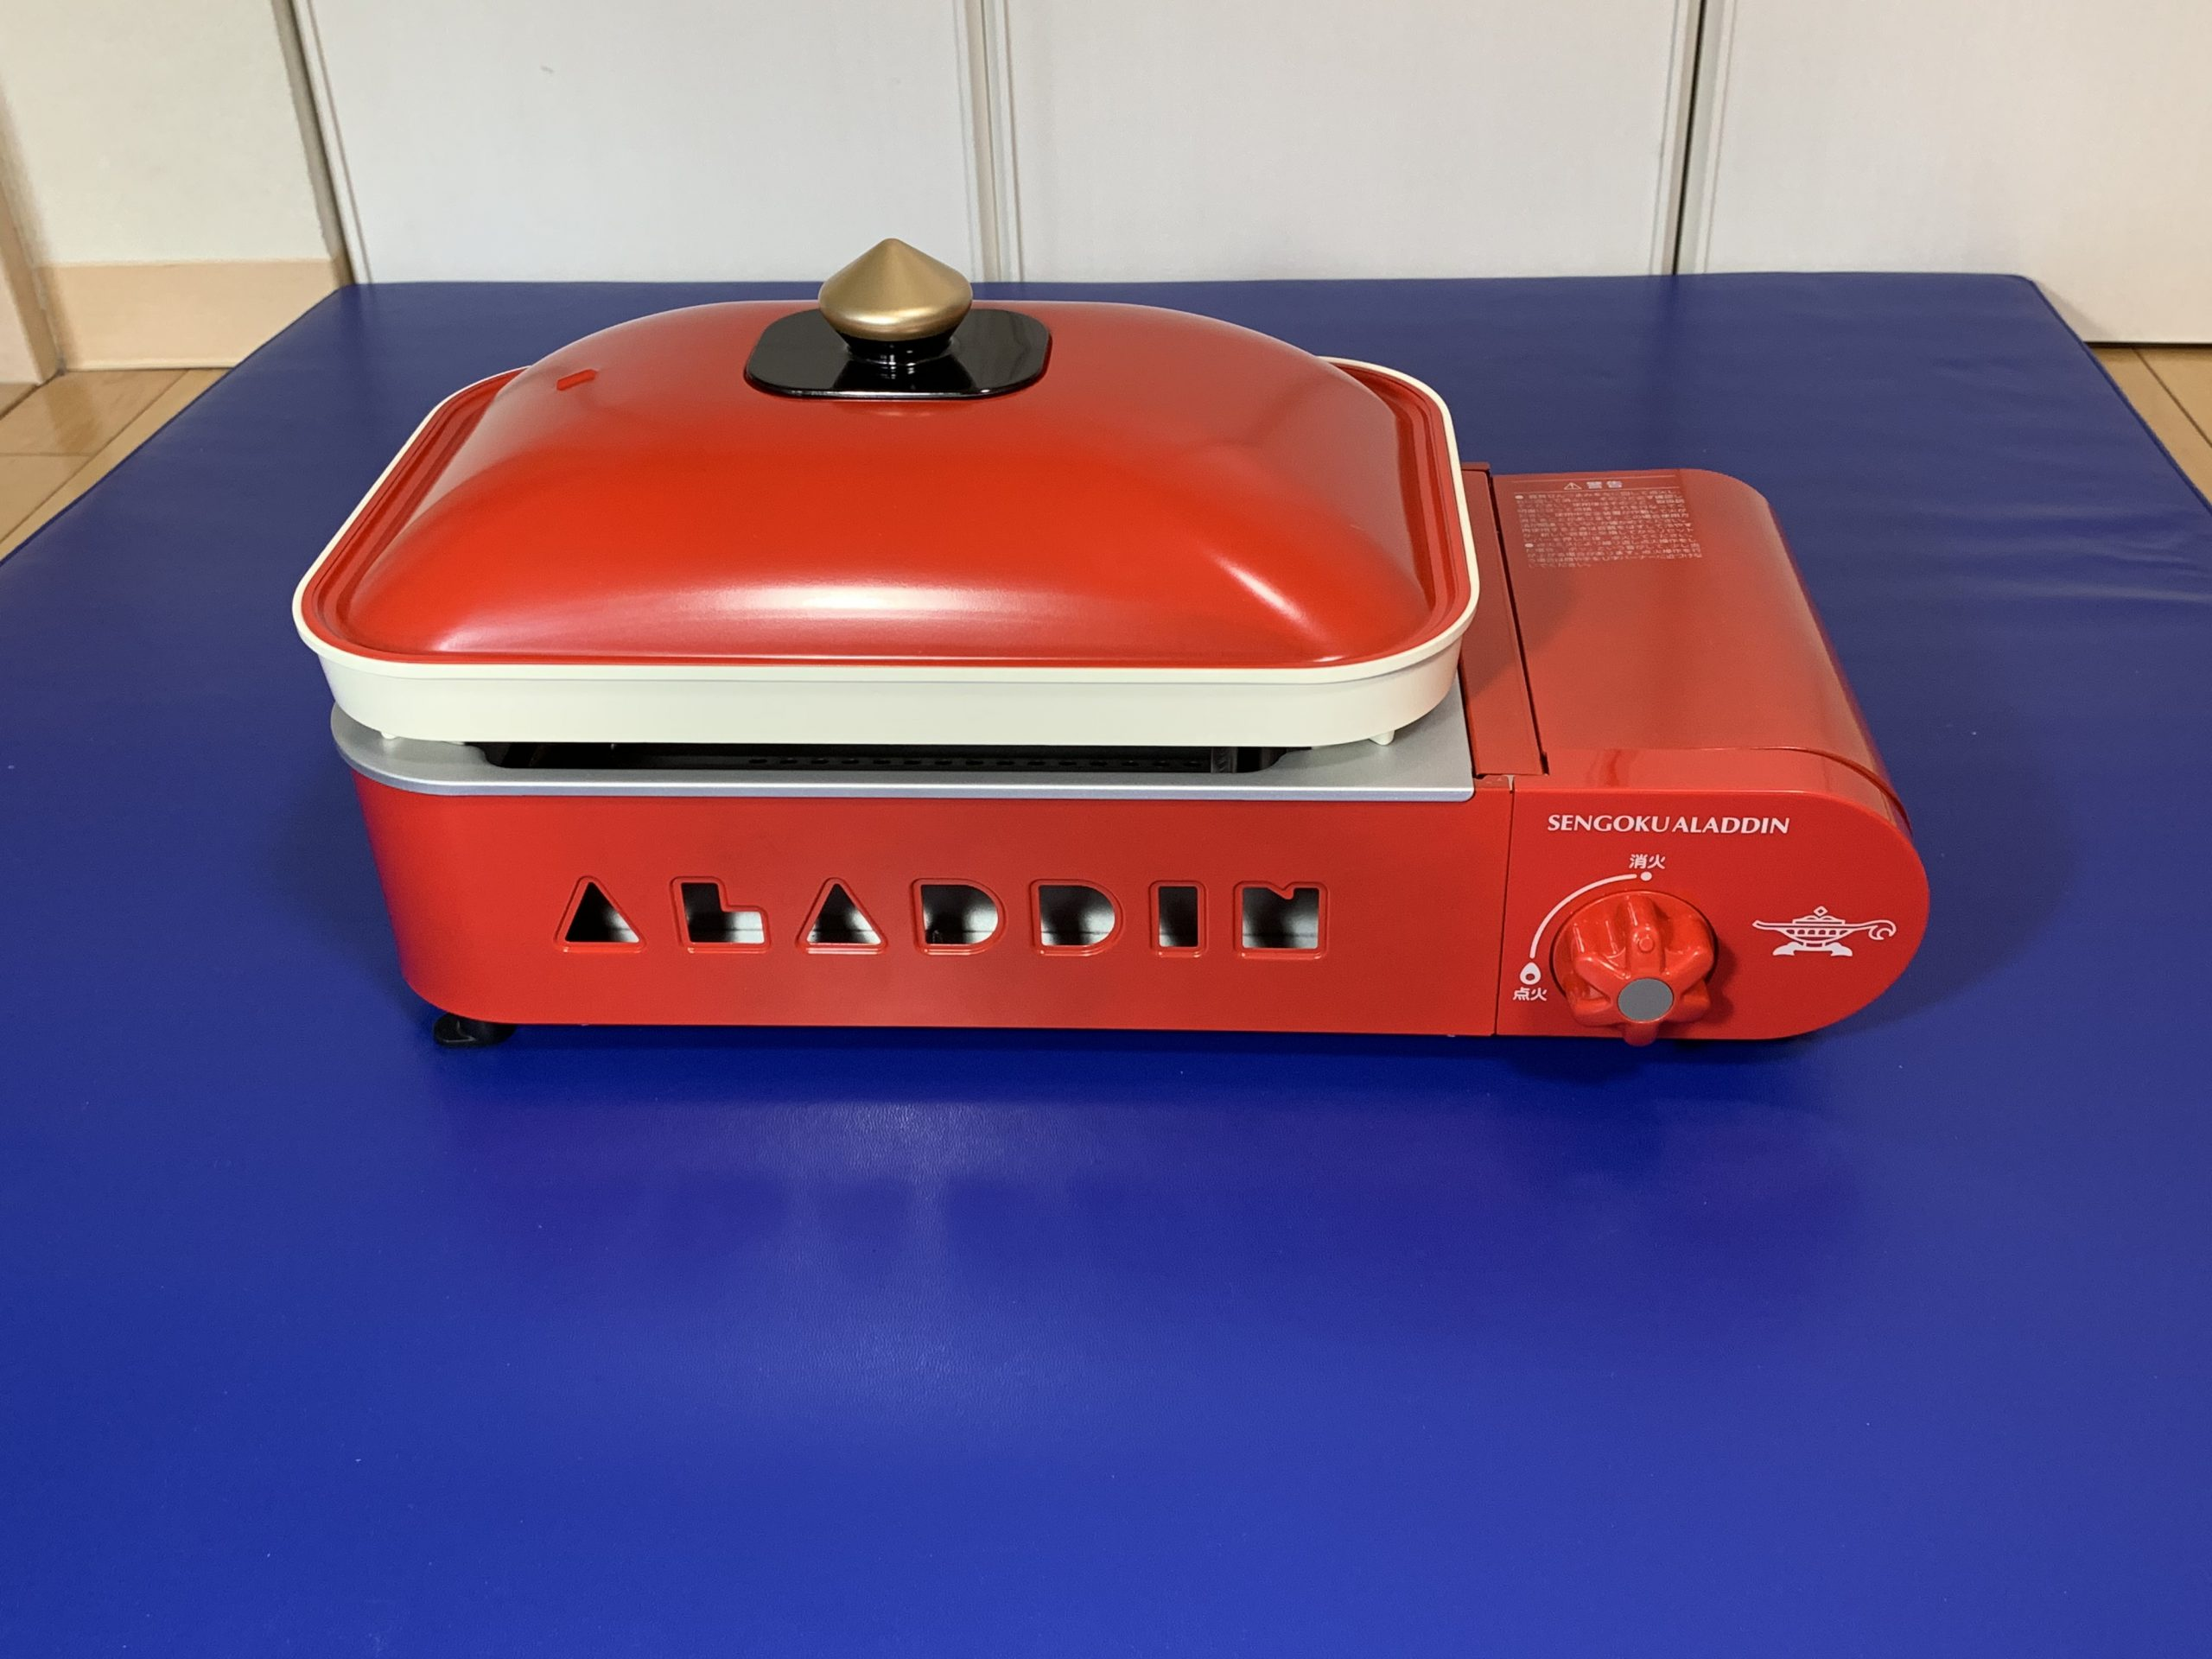 【1万8千円の価値はあるのか?】センゴクアラジン ポータブル ガス ホットプレート プチパンを買ってみた。 | Bo Blog